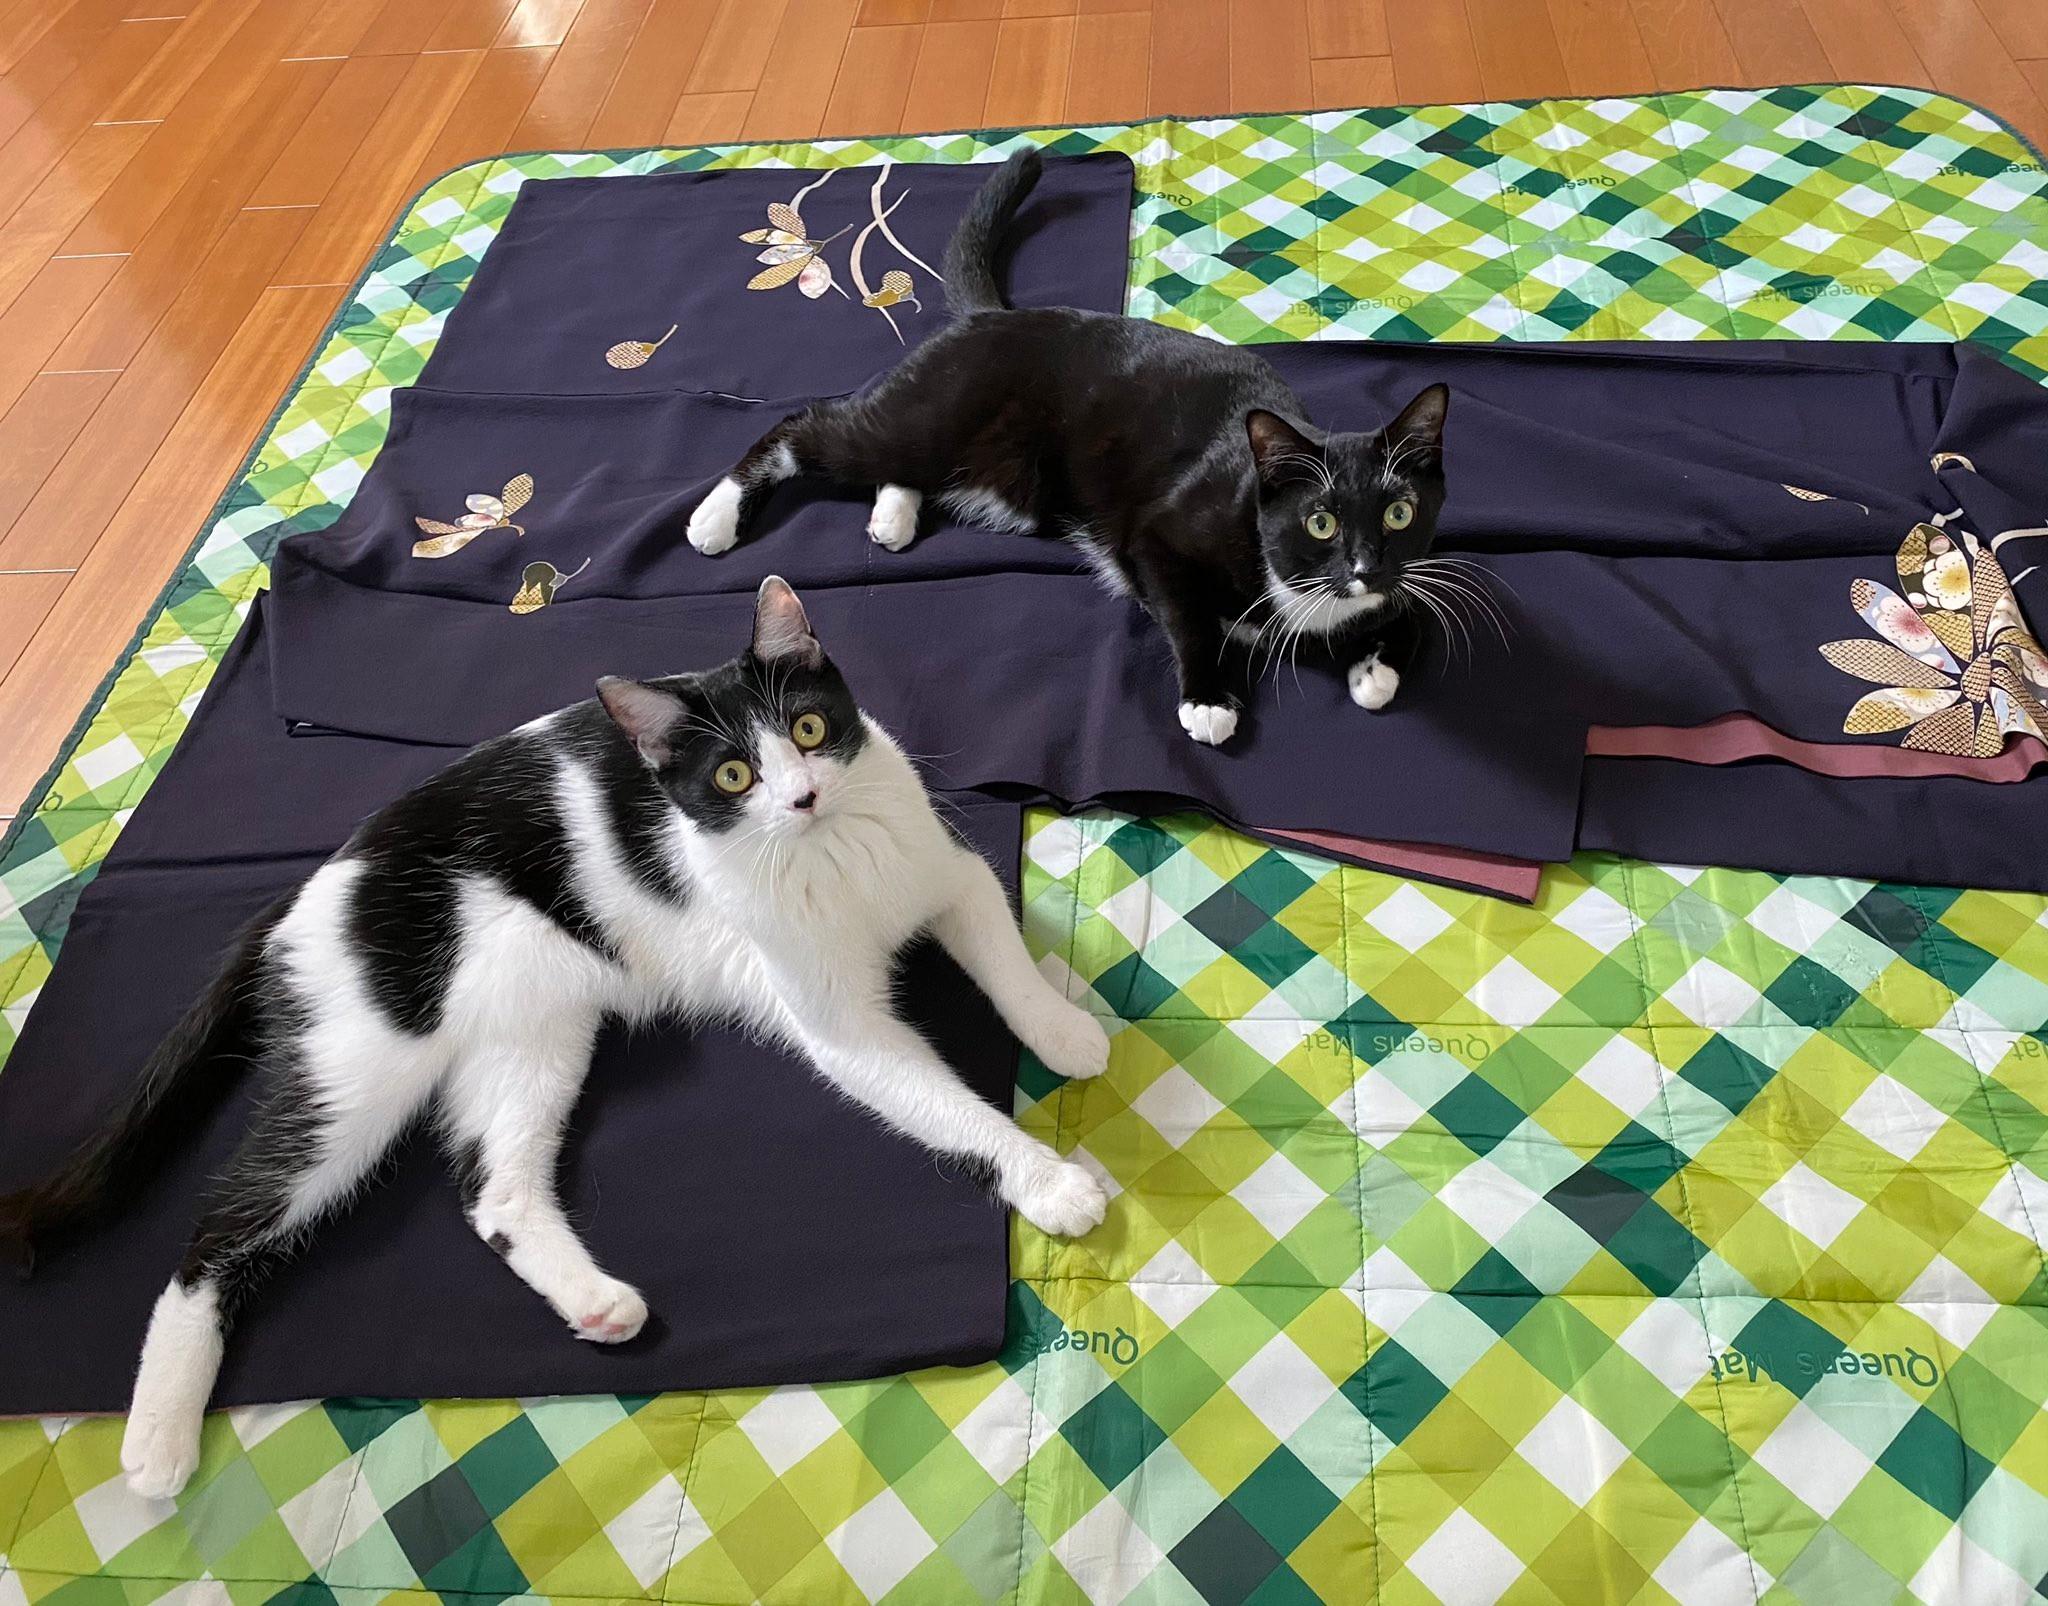 あや子 ツイッター 藤 藤あや子と2匹の子猫が戯れる動画が海外でも人気!「日本画のように美しい」保護猫の飼育にも称賛